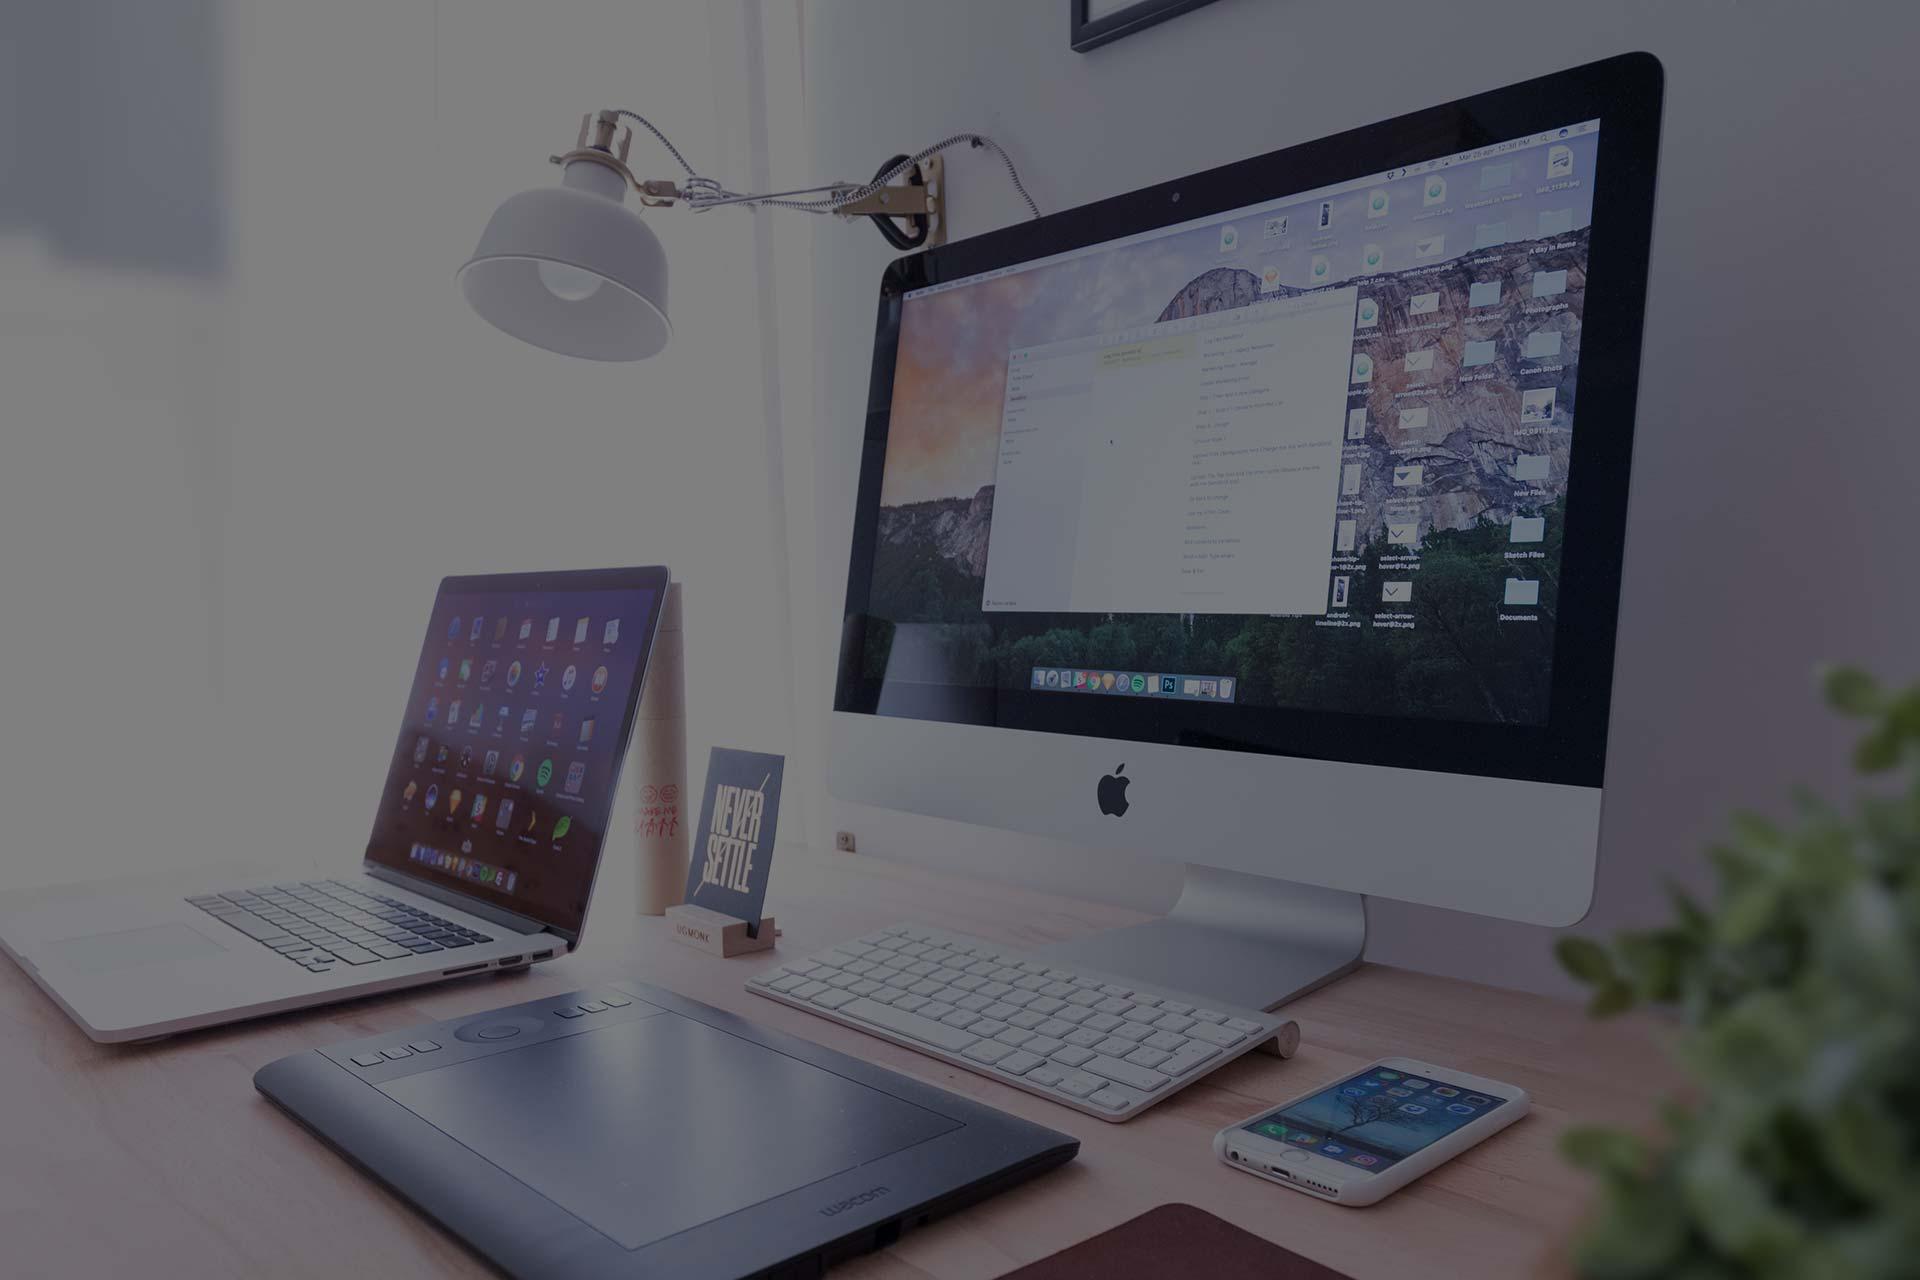 Diseño web adaptable, usable y personalizado